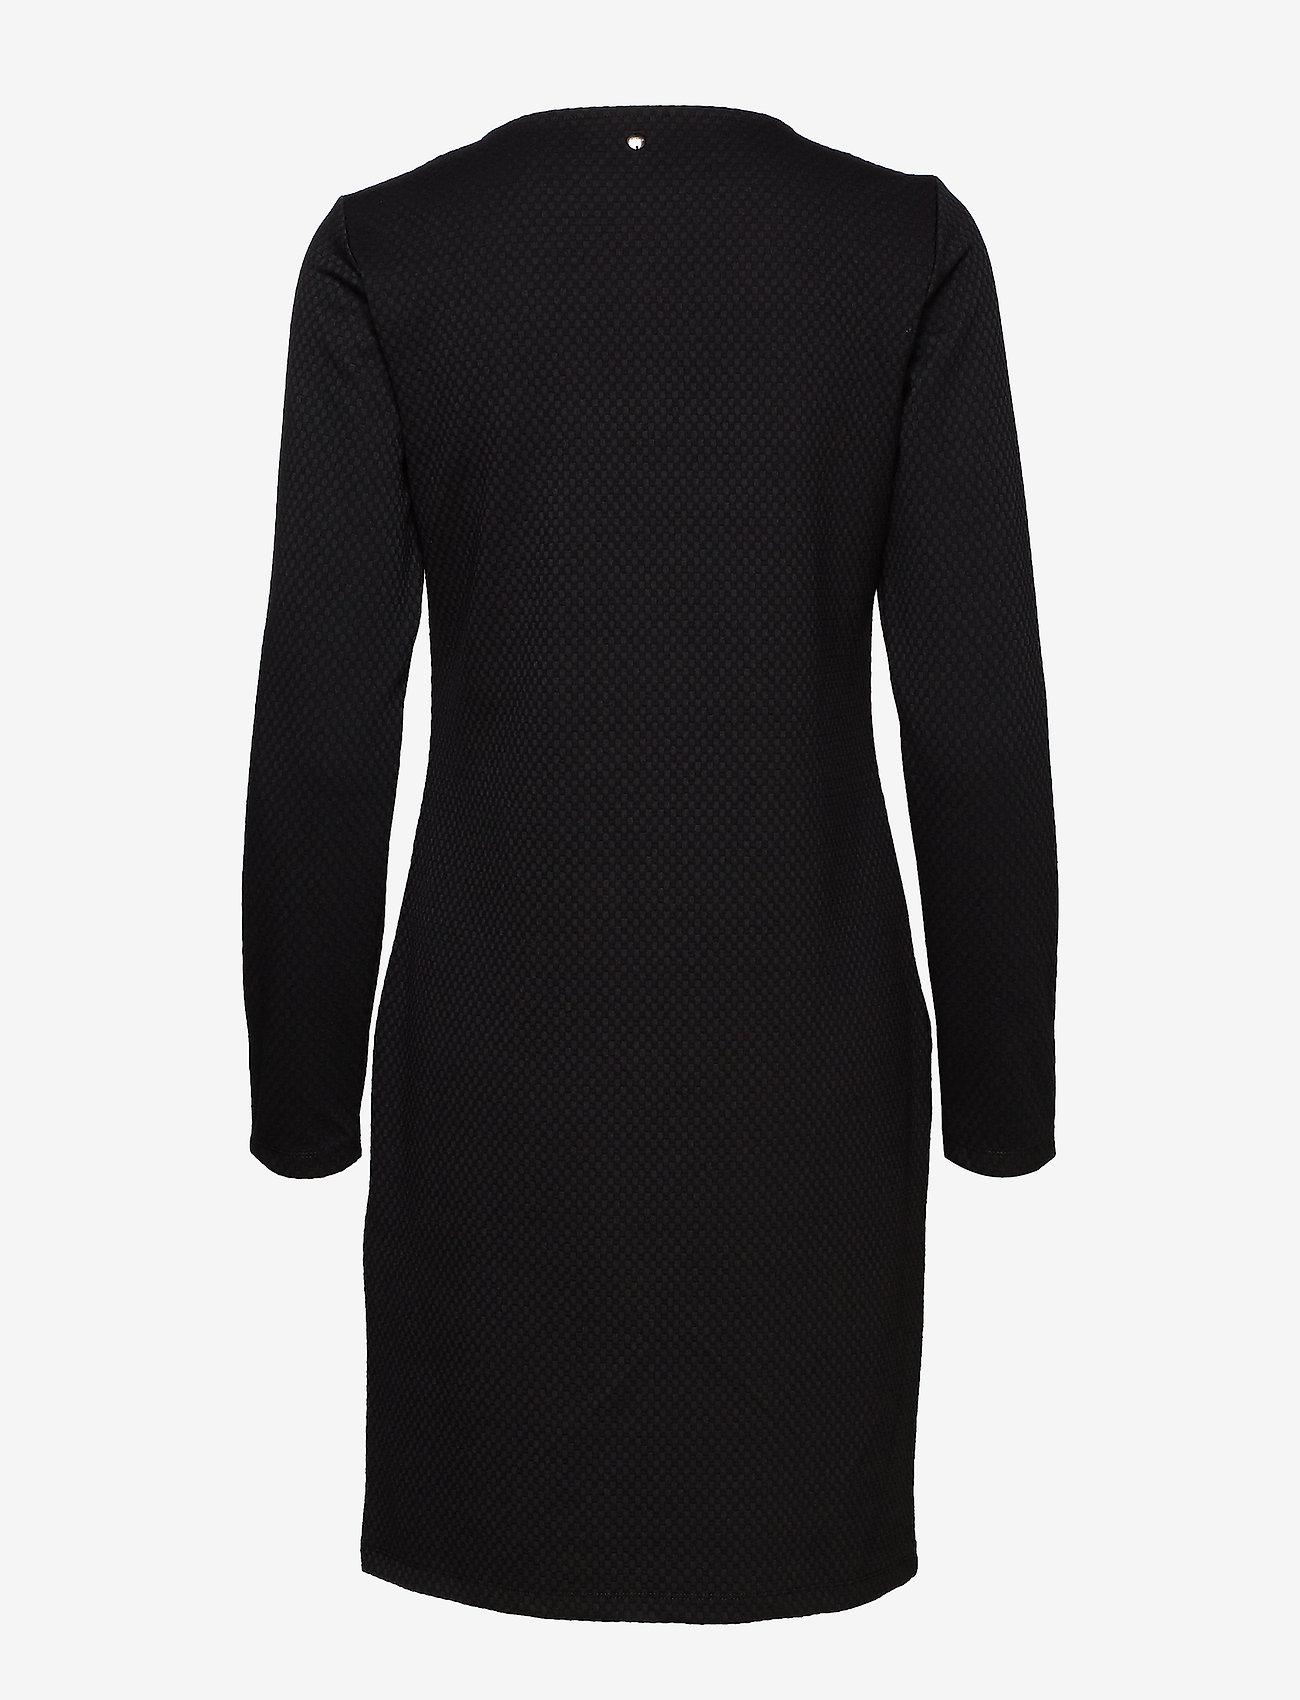 Taifun - DRESS KNITTED FABRIC - korta klänningar - black - 1